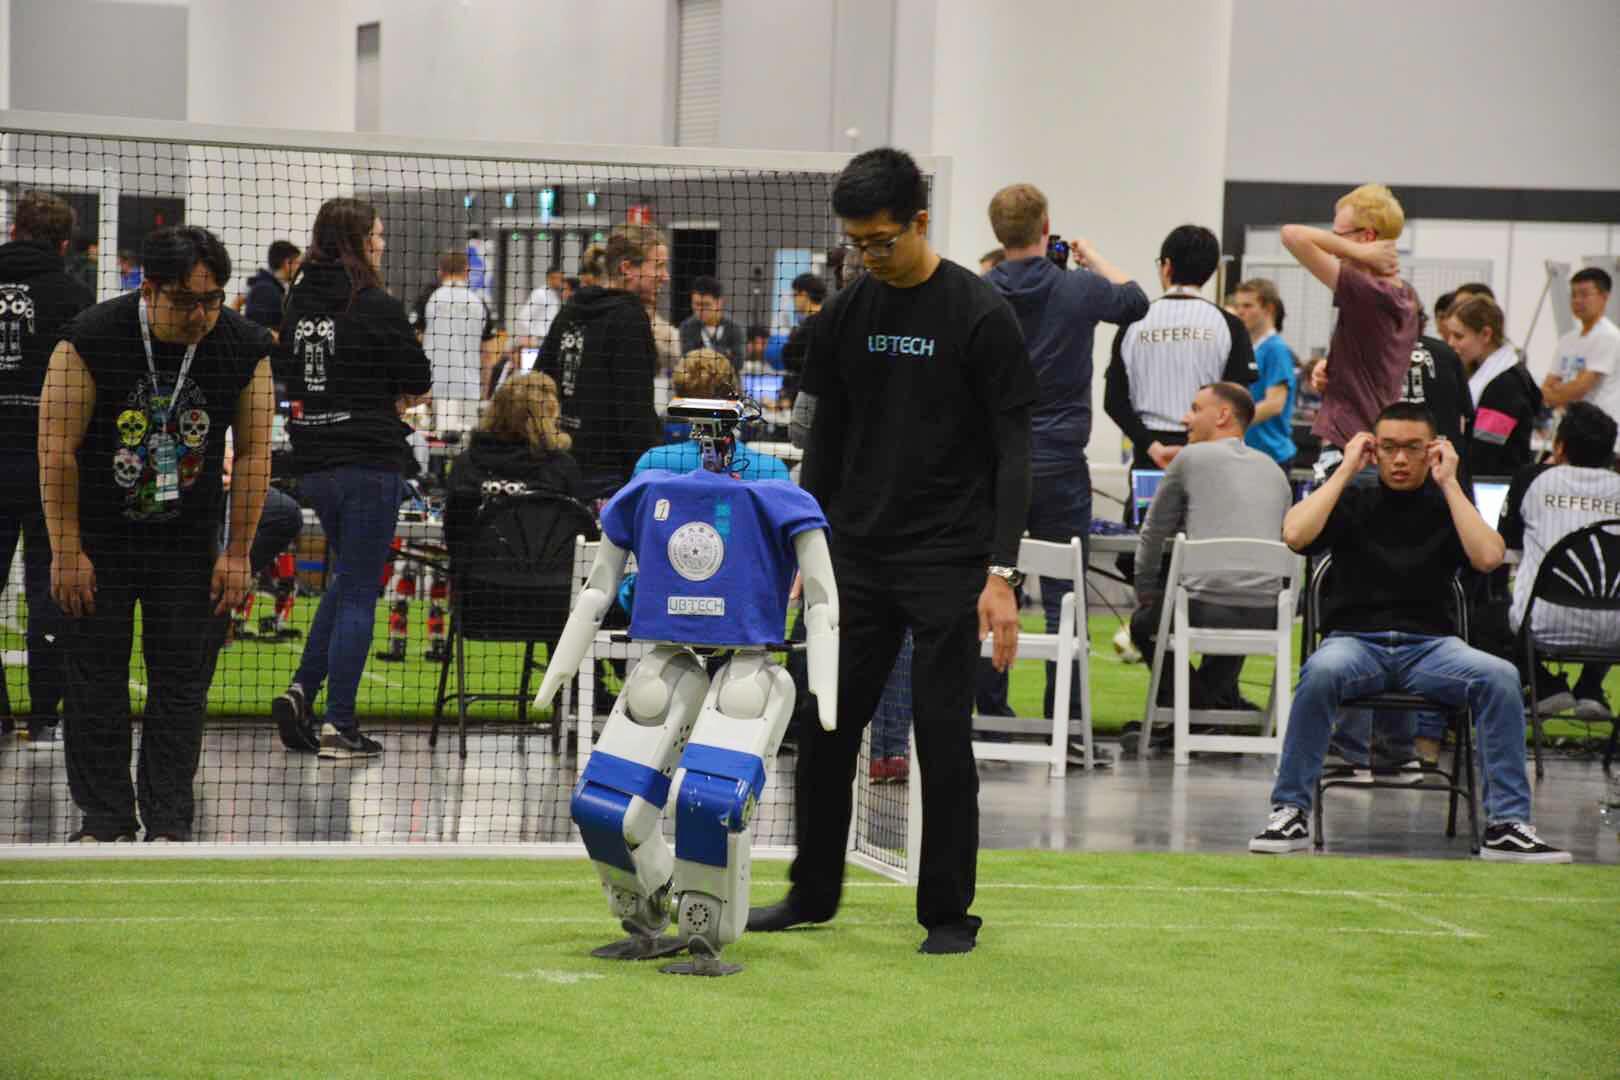 优必选科技&清华大学斩获2019 RoboCup多项大奖,彰显人形机器人技术优势